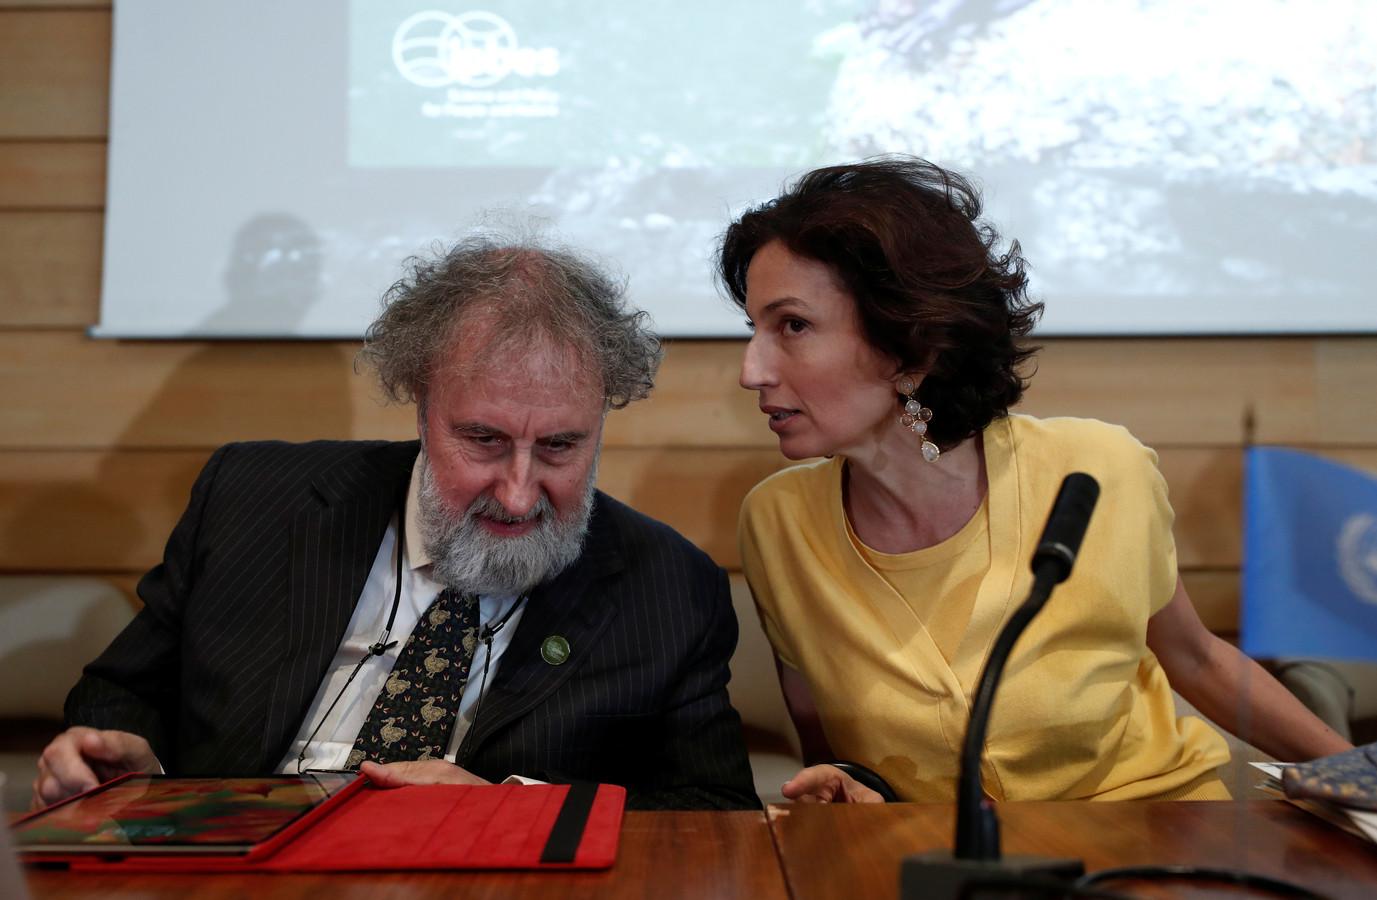 Audrey Azoulay, directeur-generaal van UNESCO en voorzitter Chair Robert Watson (links) van het  IPBES (Intergovernmental Science-Policy Platform on Biodiversity and Ecosystem Services) maandag tijdens de persconferentie